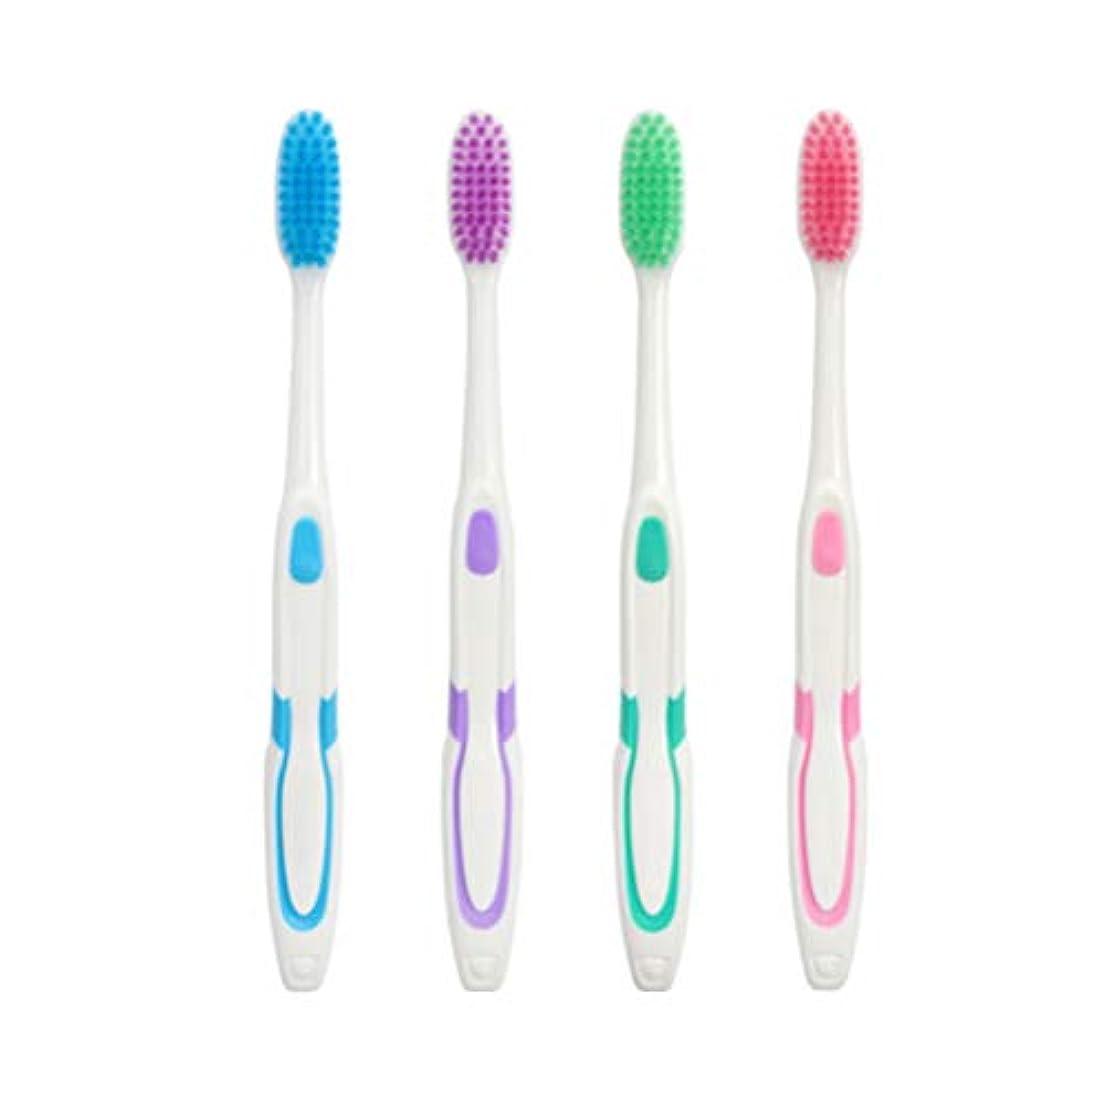 モニターサドルペンフレンドTOPBATHY 4ピース柔らかい歯ブラシ歯ブラシ用深く口腔クリーニングホームトラベル屋外大人子供